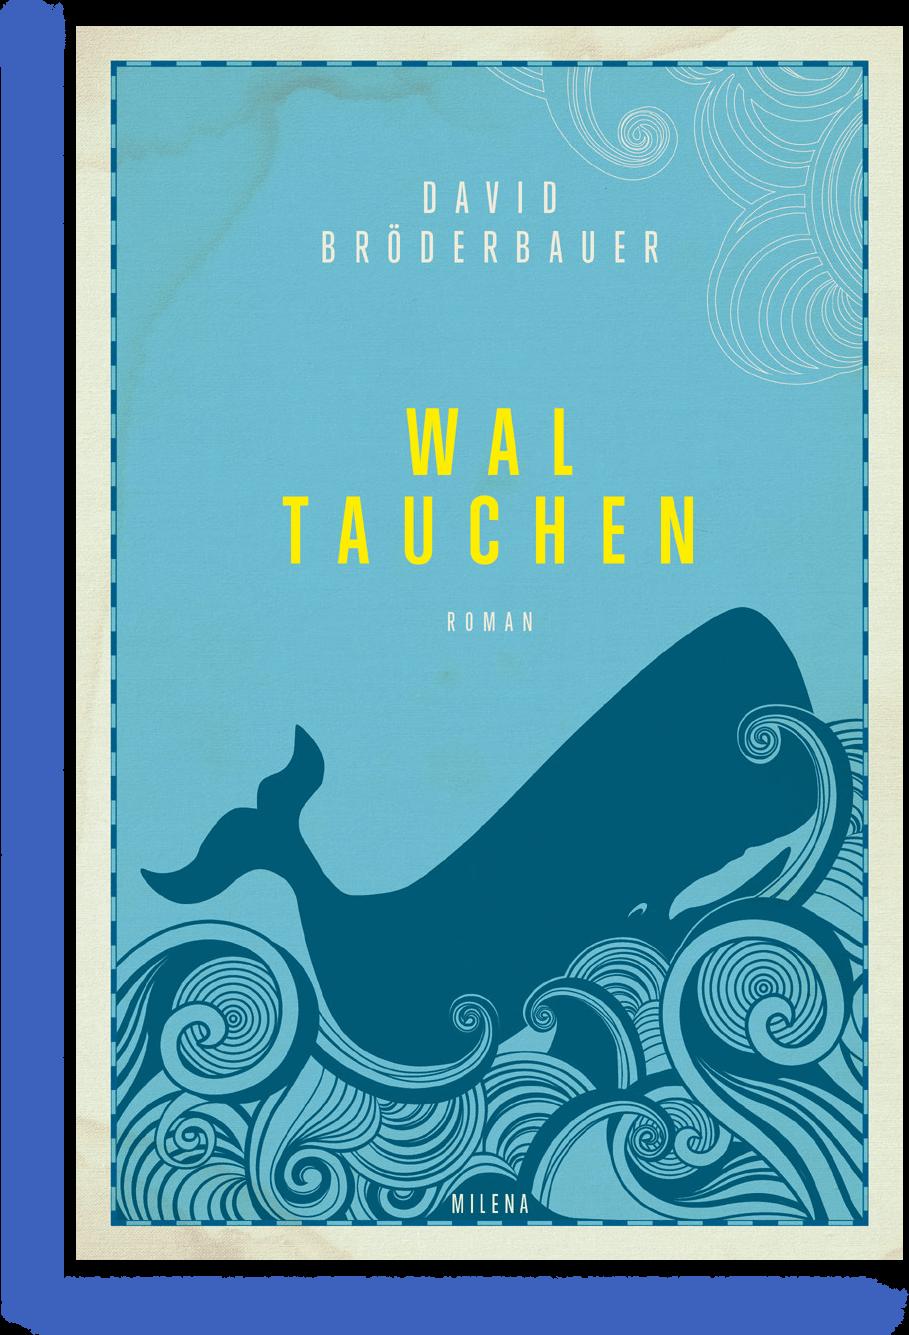 Buch cover von Waltauchen